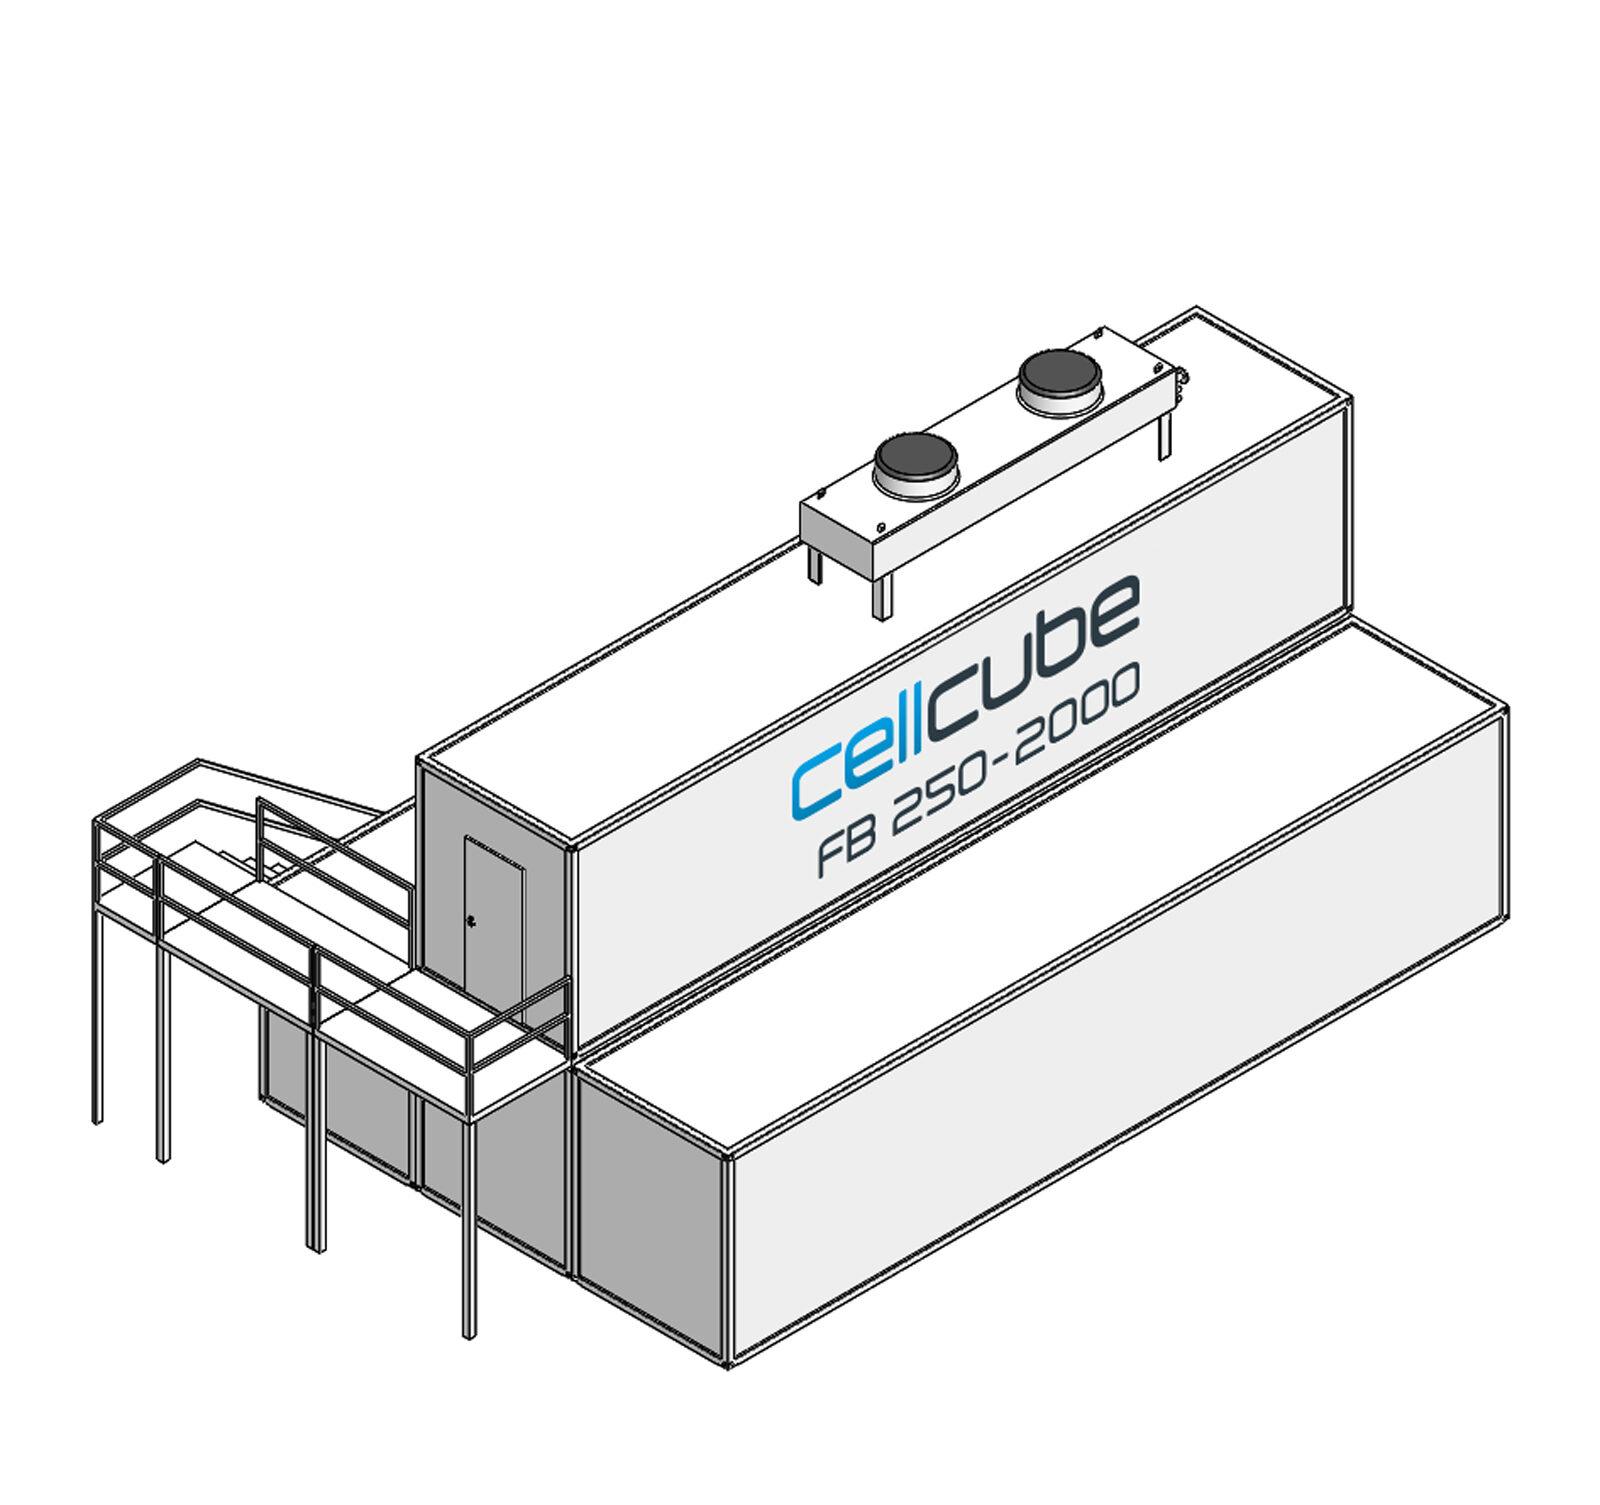 CellCube FB250 2000 R4 Mit Treppe